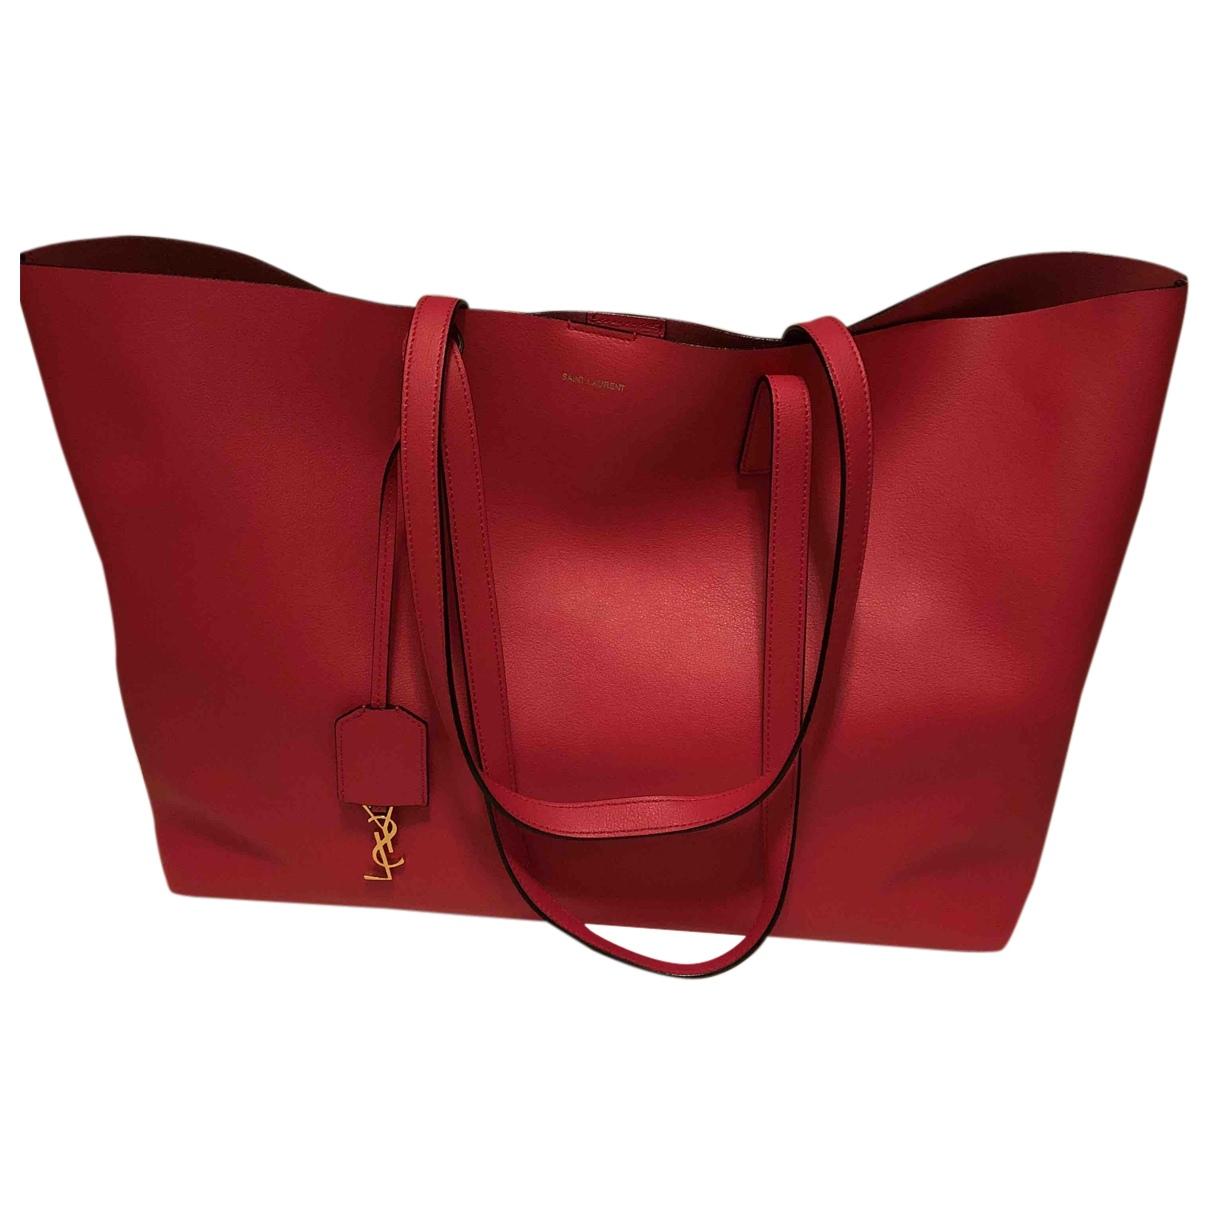 Saint Laurent - Sac a main Shopping pour femme en cuir - rose